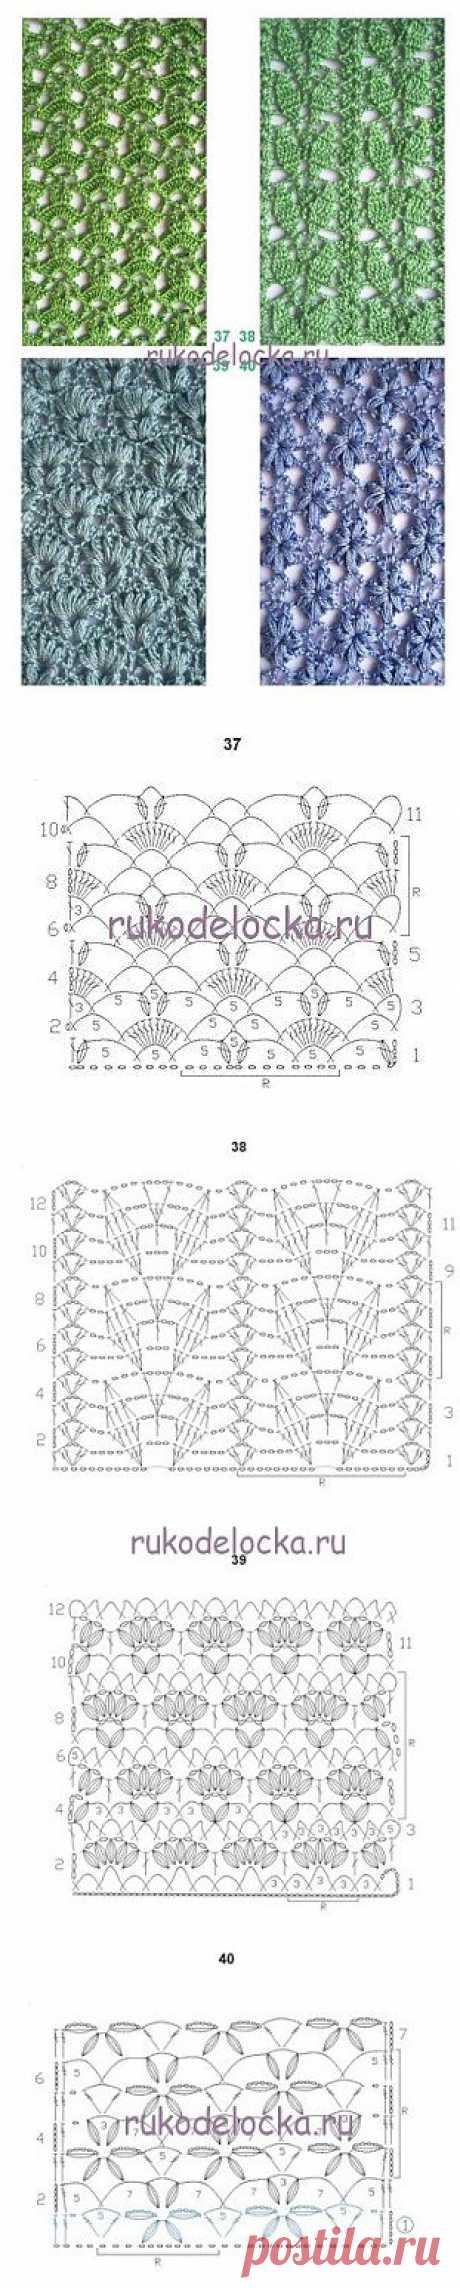 Las cintas por el gancho 3 | Rukodelochka